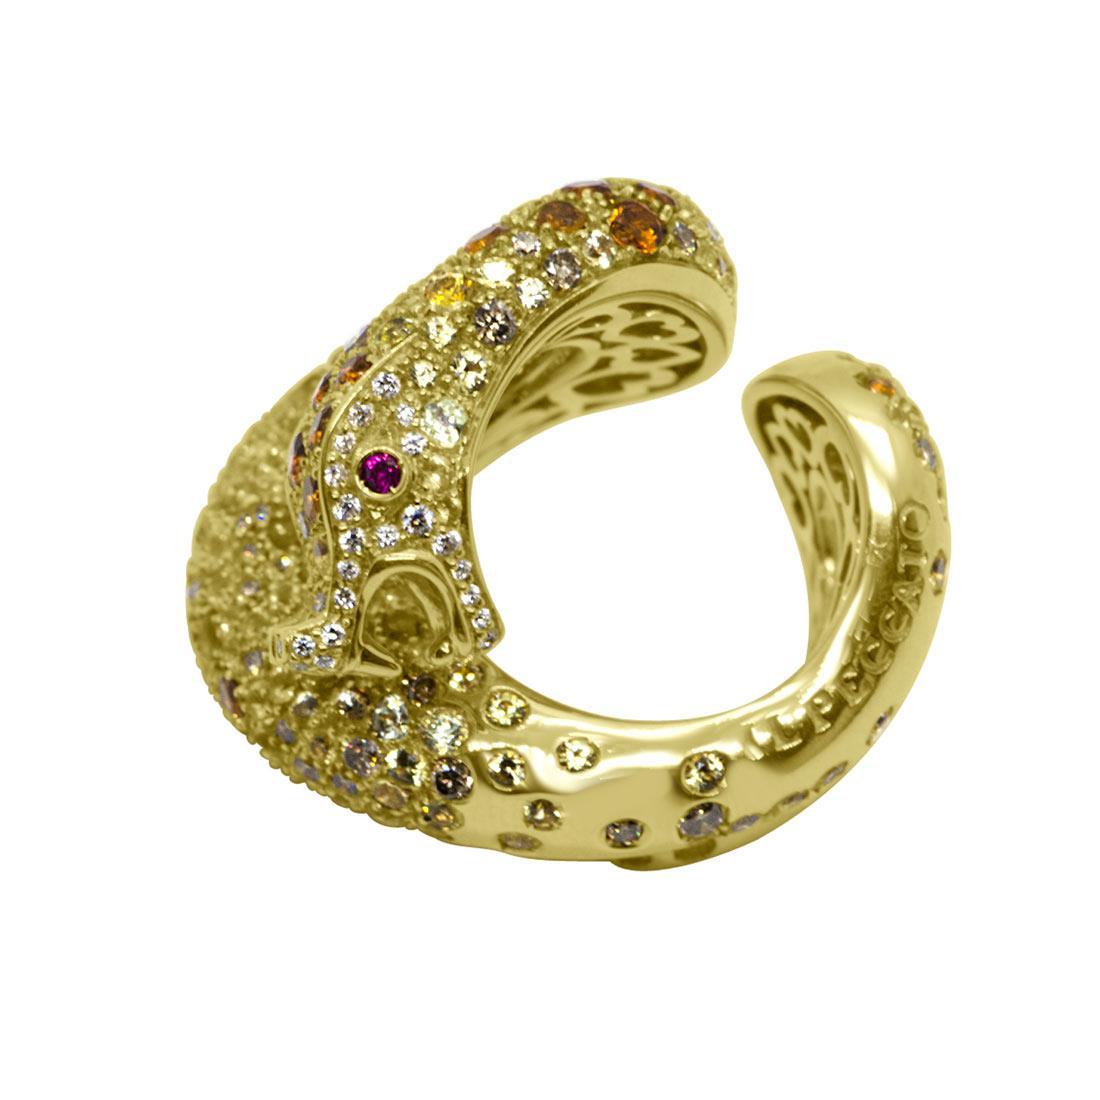 Anello in oro giallo design serpente con rubino, zaffiri e diamanti mis 13 - PASQUALE BRUNI